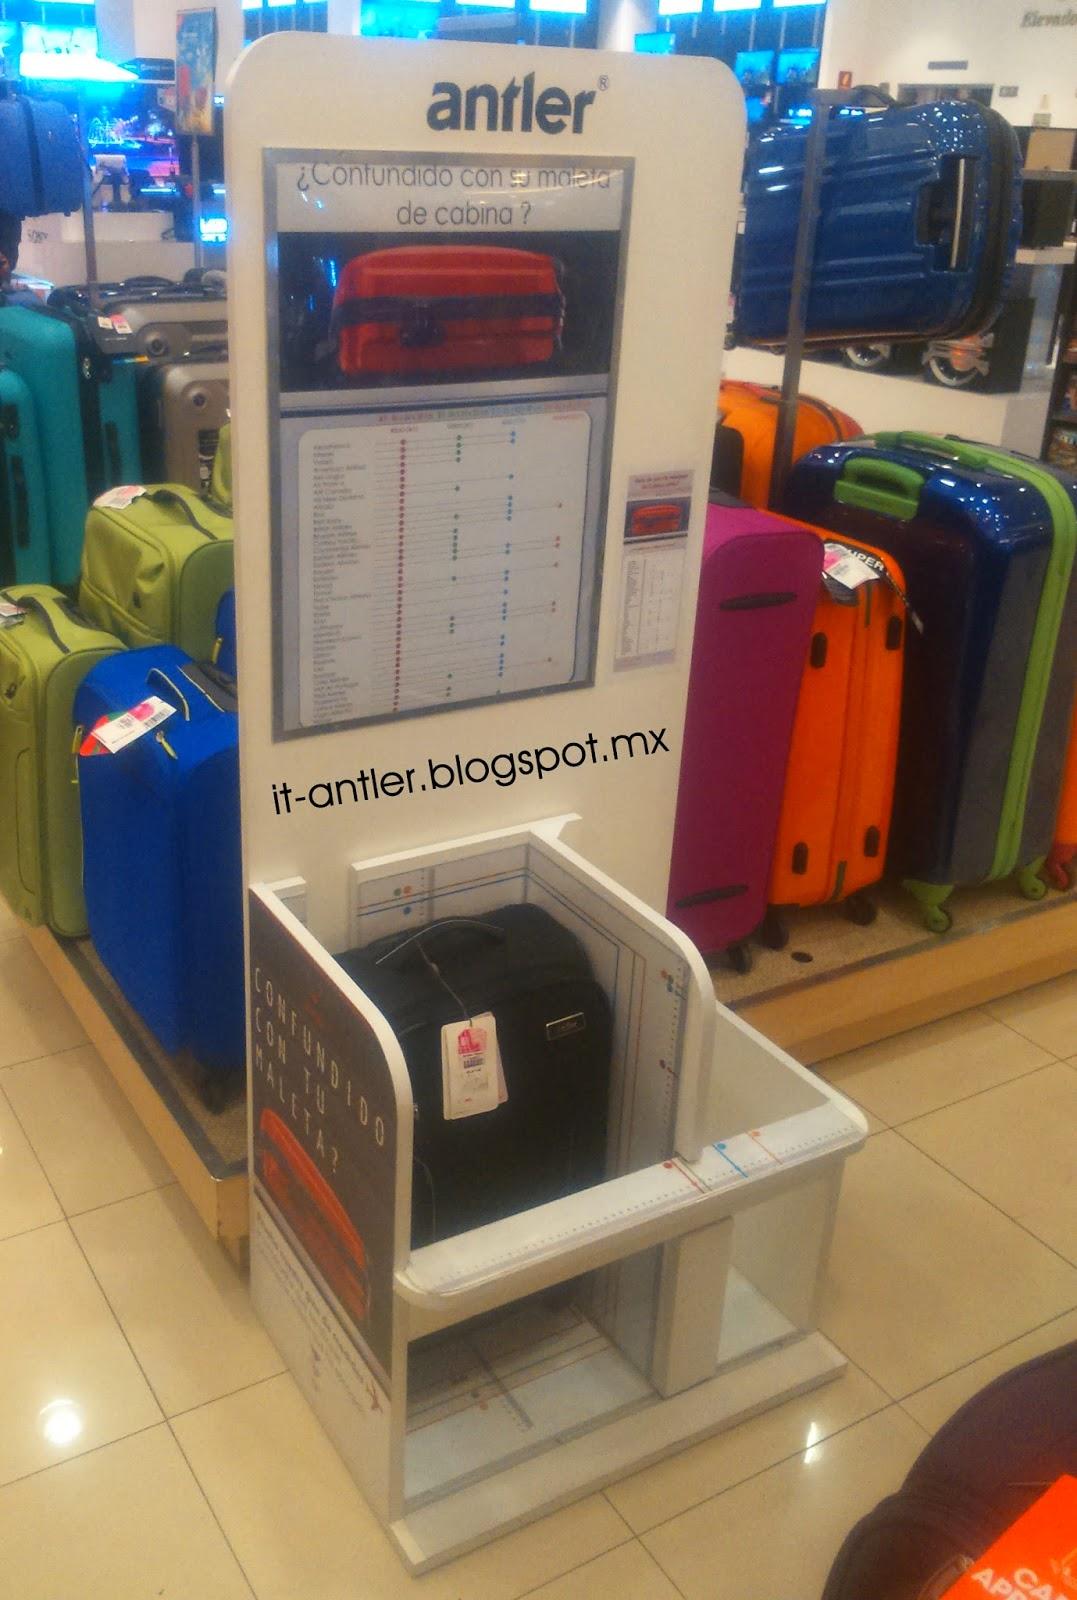 Medidas maletas de cabina y peso equipaje antler y it luggage - Medidas maleta cabina vueling ...